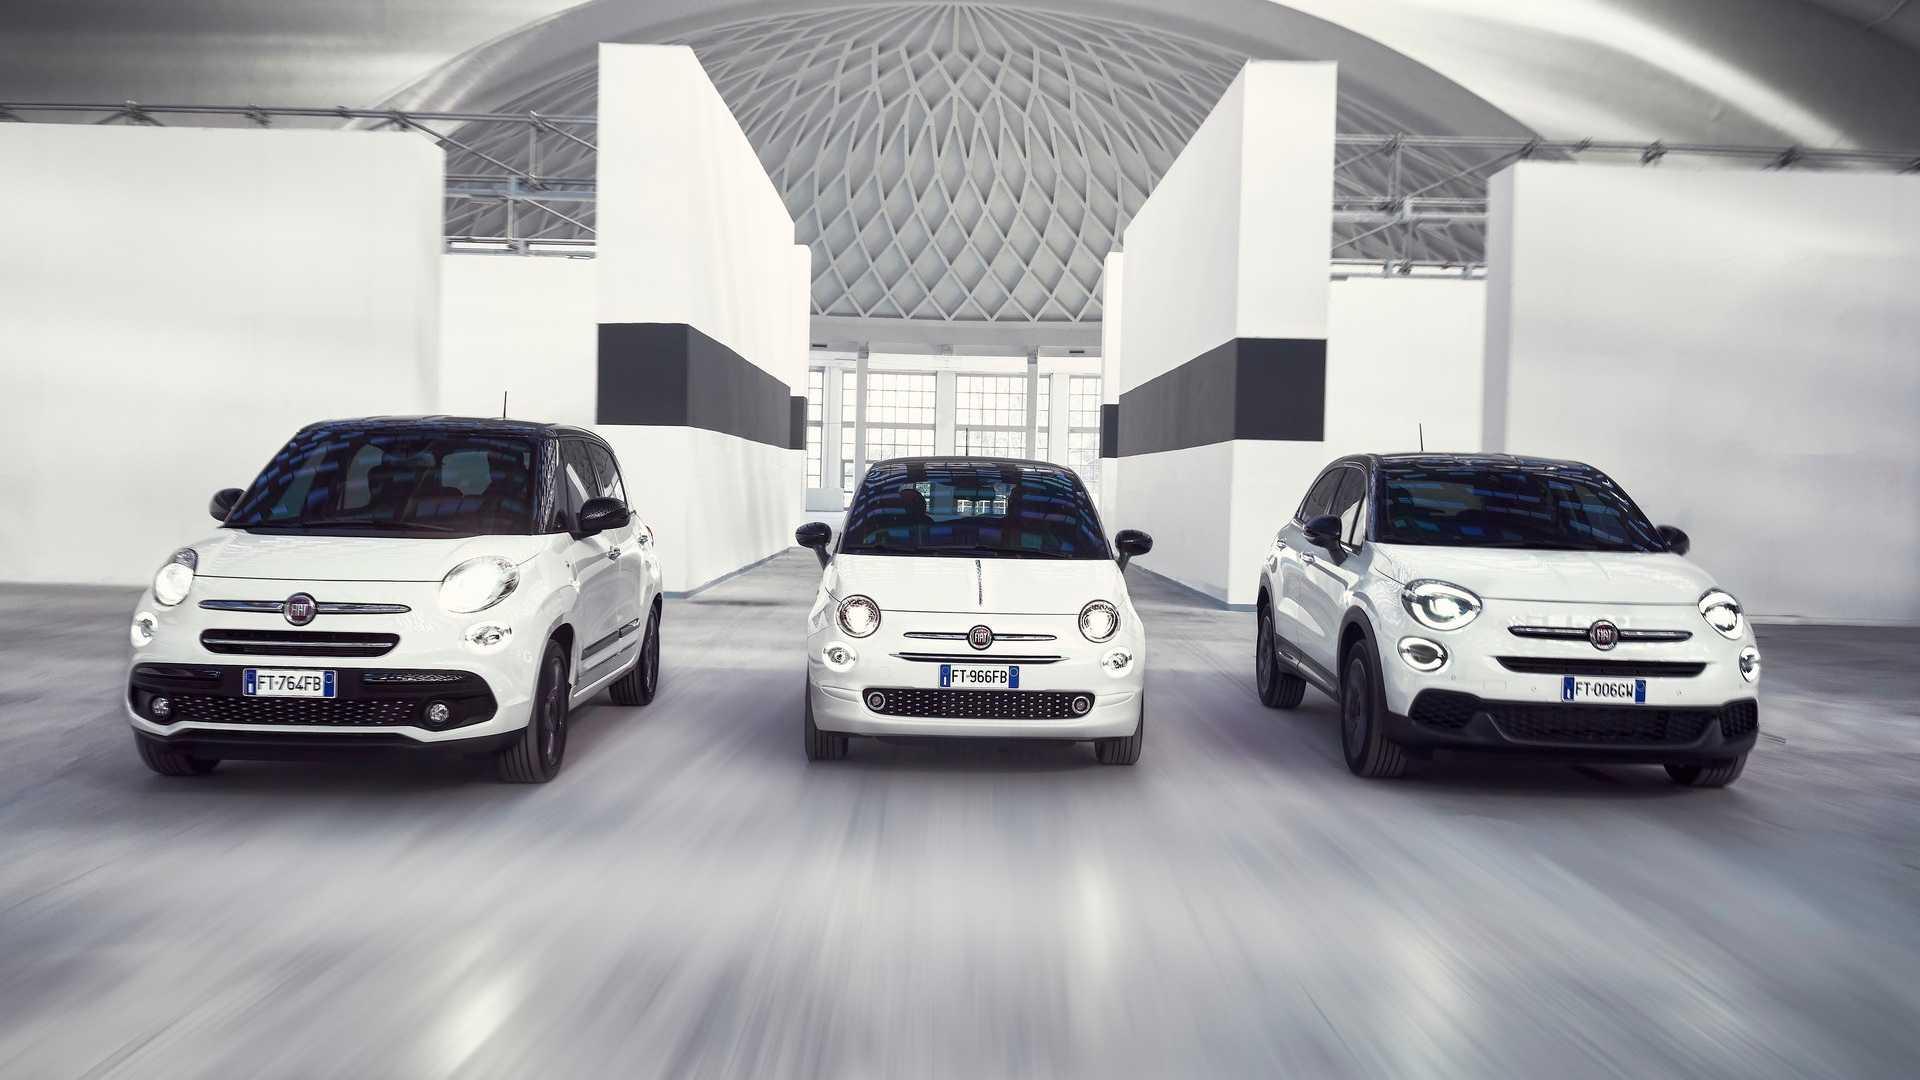 Fiat отпразднует 120-летний юбилей специальной серией